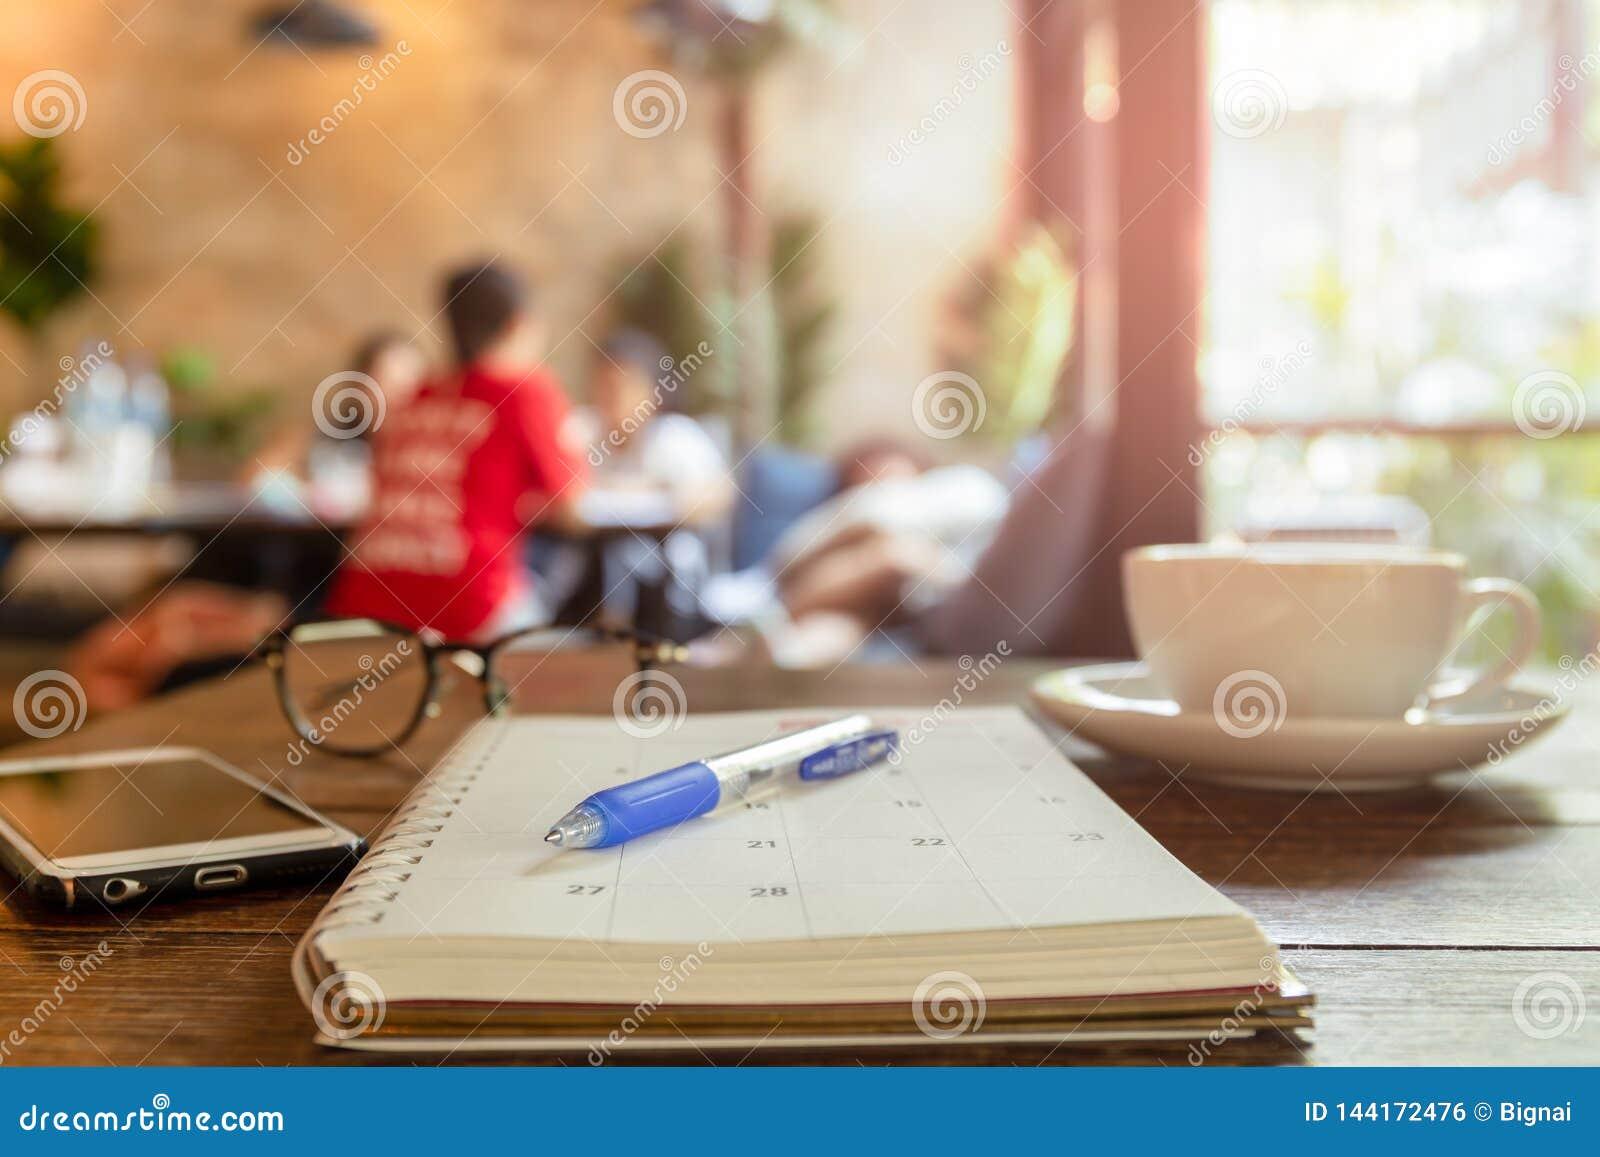 Pena selecionada do foco no livro do calendário com xícara de café e telefone celular